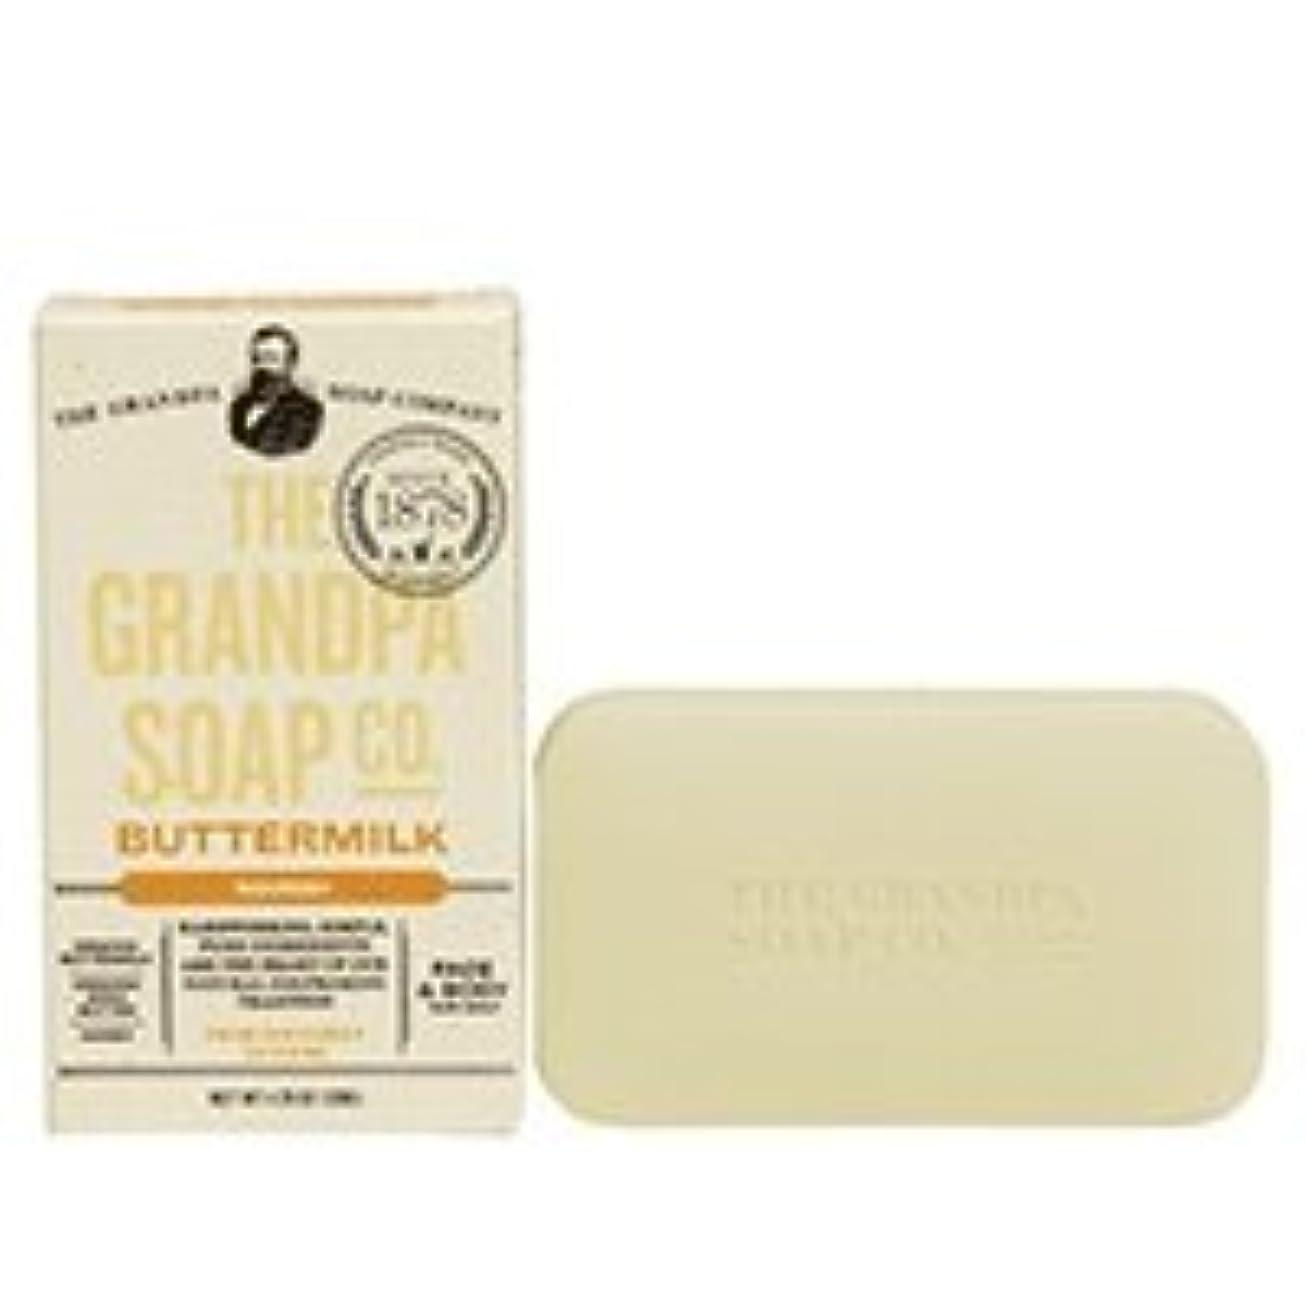 グランパ バターミルクナリッシュソープ 3.25oz(約92g)3個